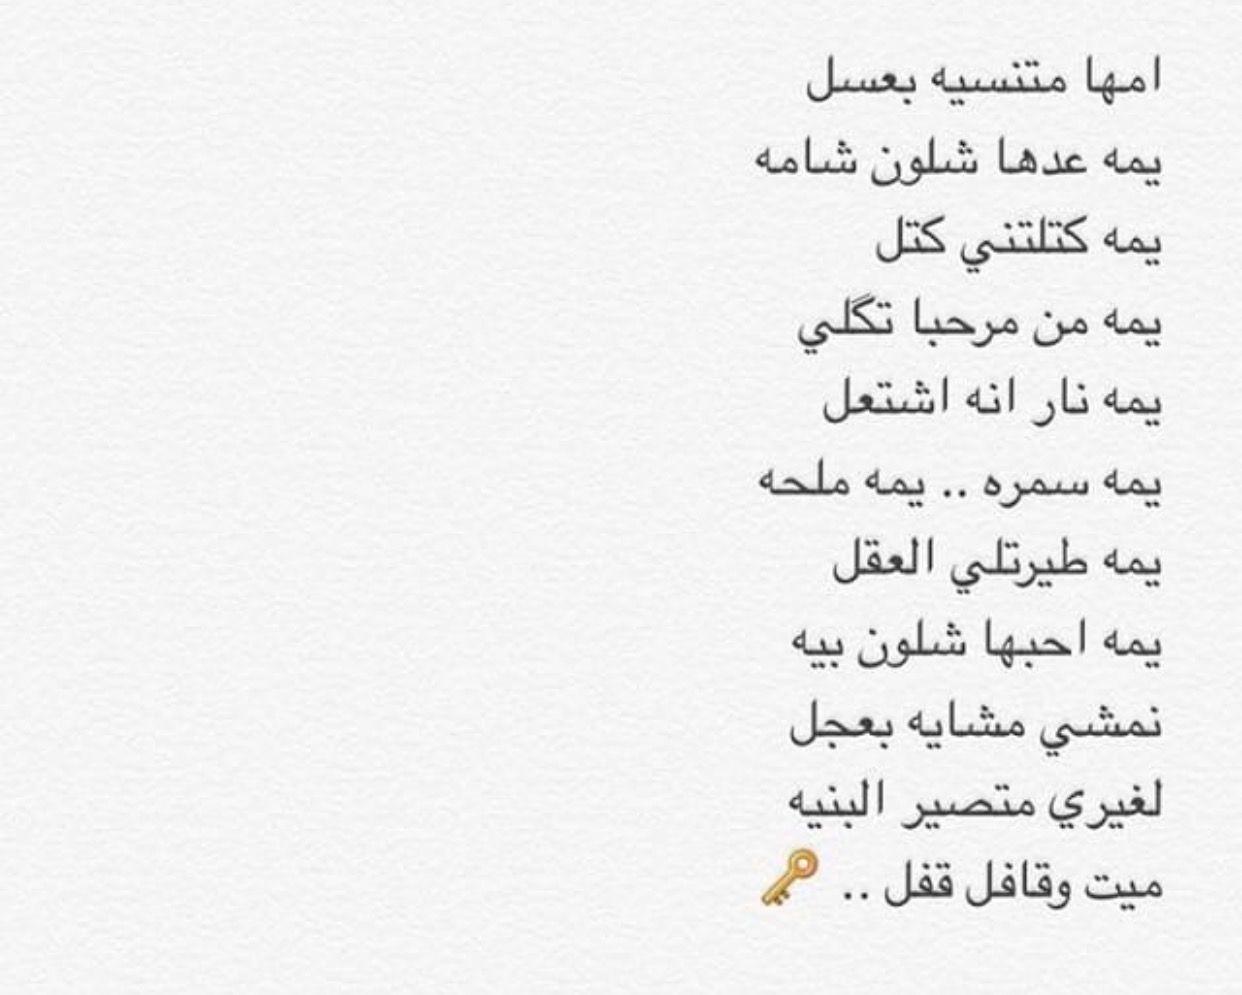 صوره شعر عراقي شعبي , افضل ما قيل في الشعر العراقي